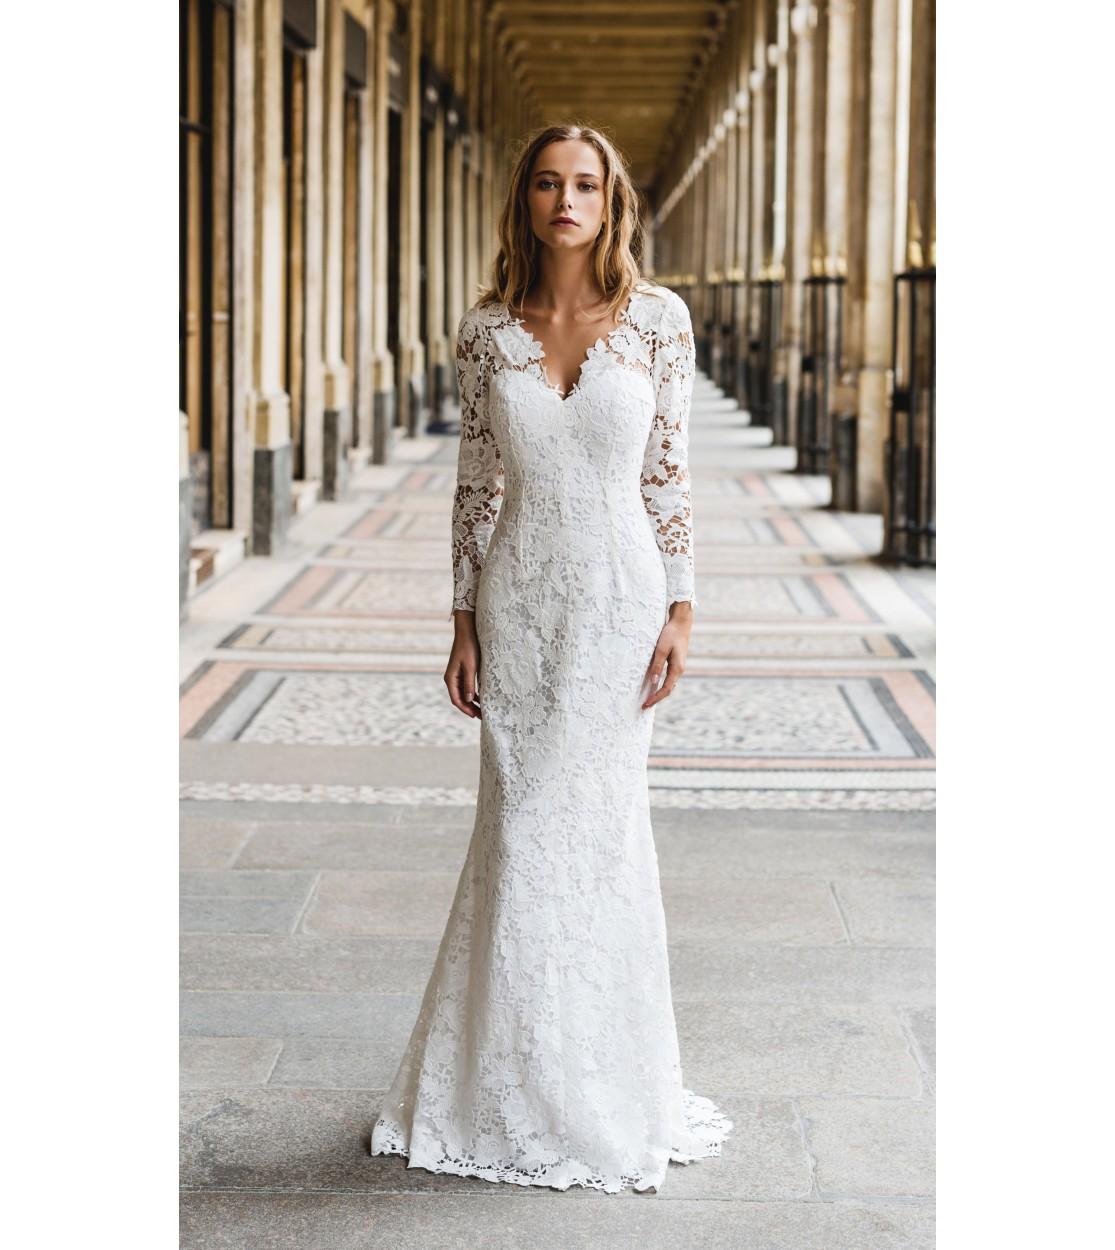 Queen Wedding Dresses: Queen Wedding Dress